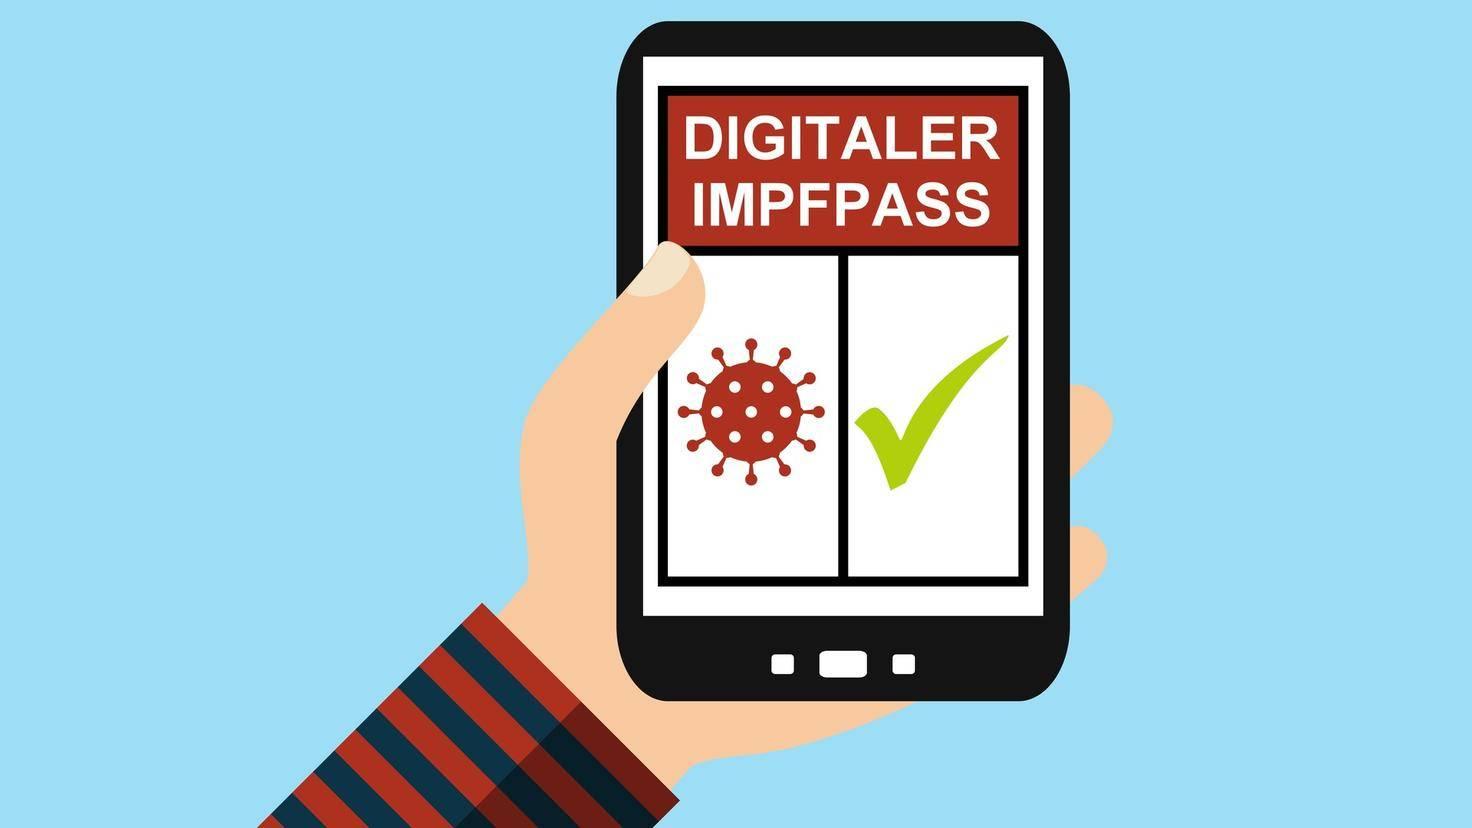 Digitaler Impfpass auf dem Smartphone: Reisen mit Coronavirus Impfung?